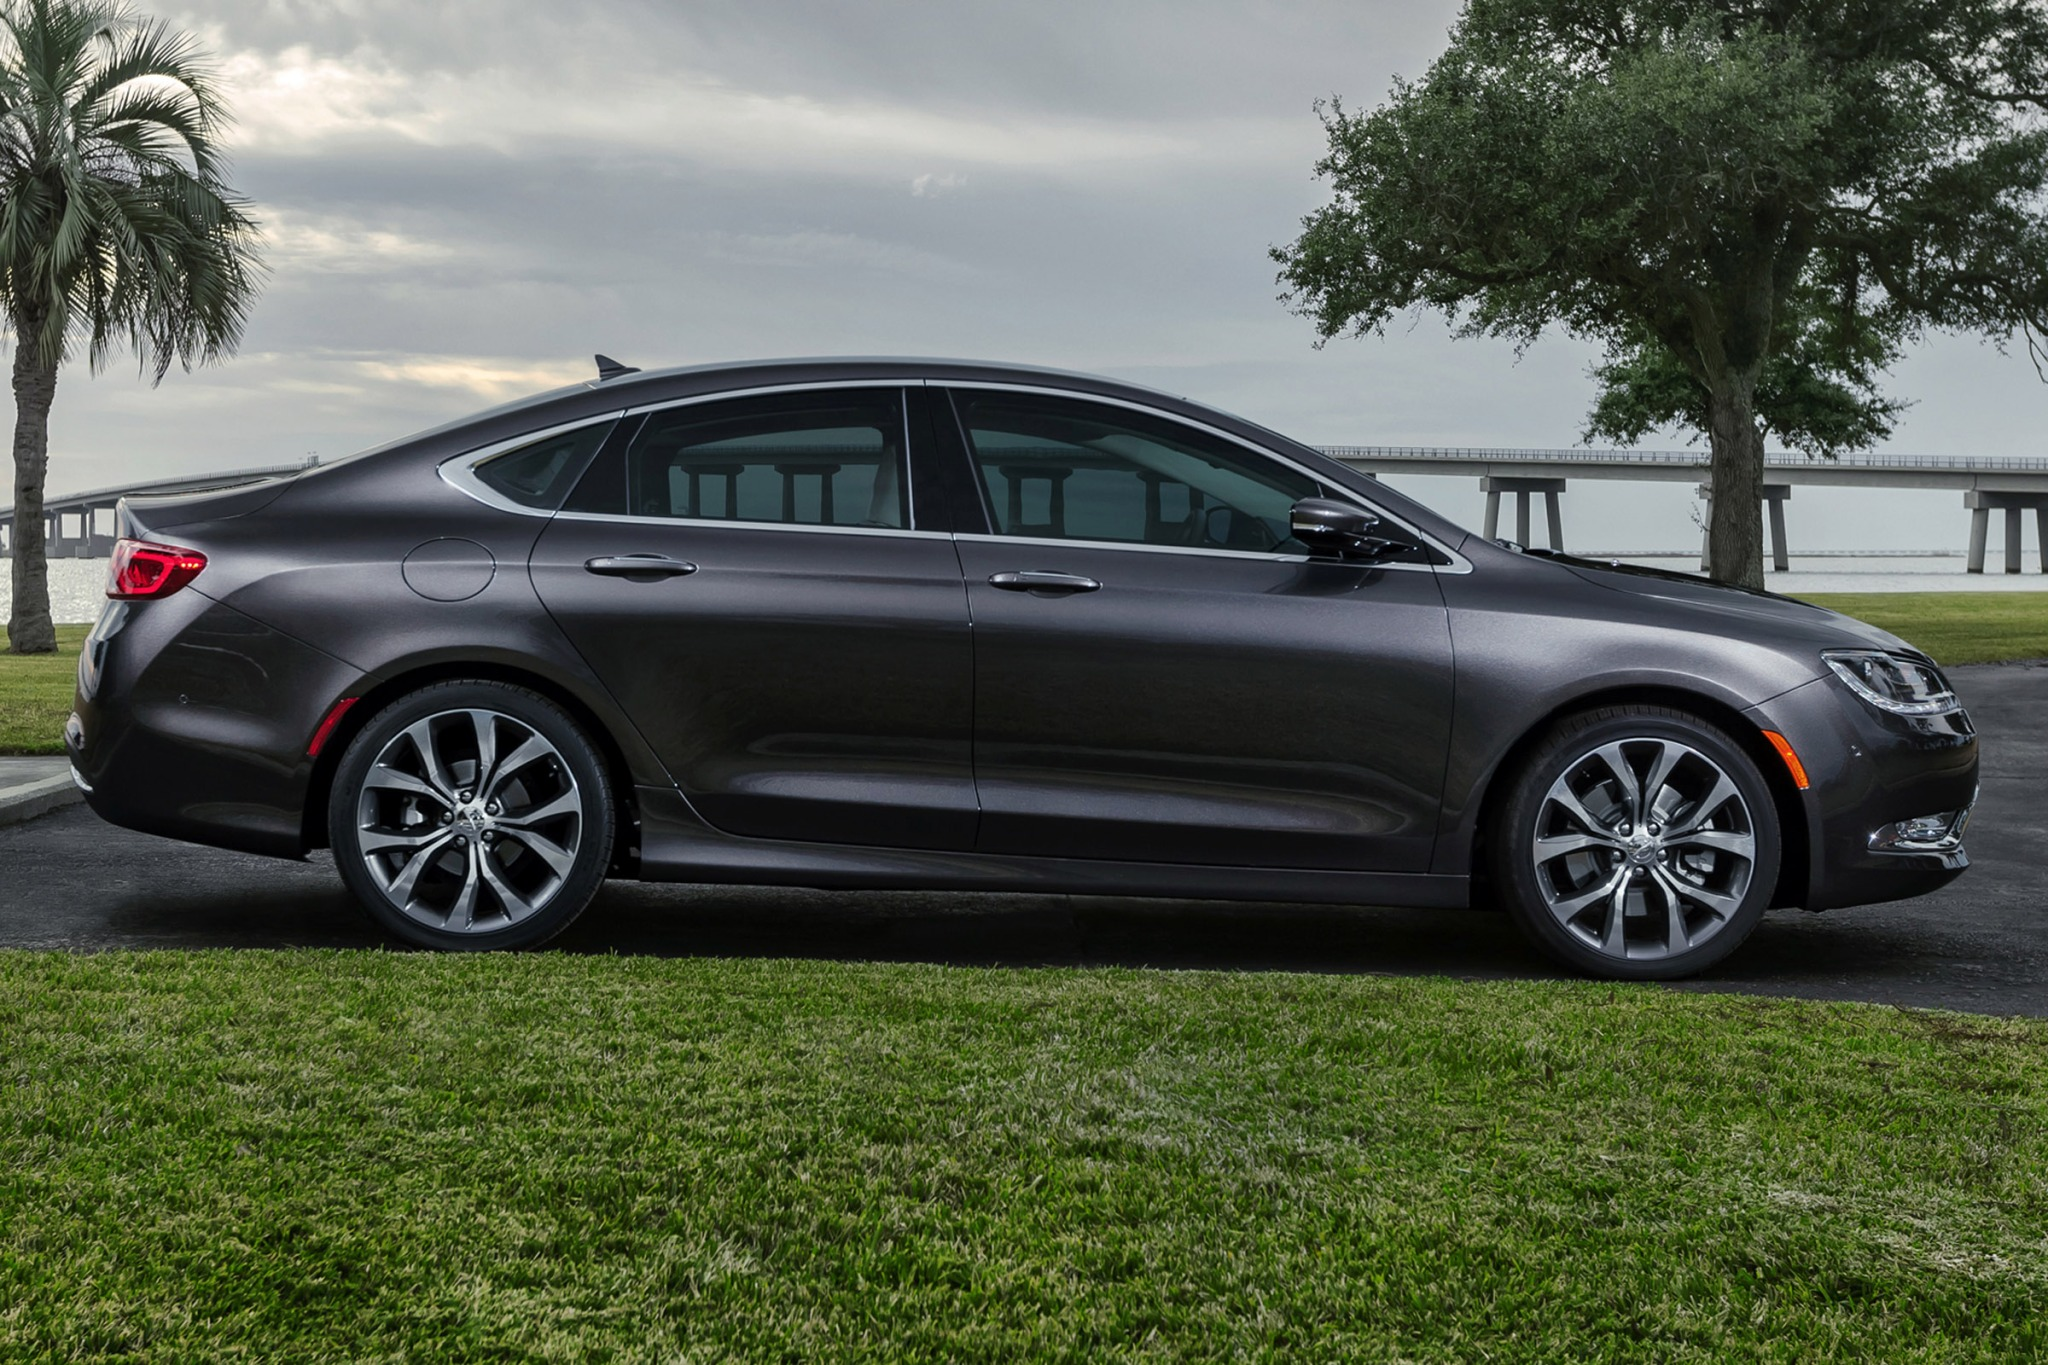 and driver test cars v reviews car s fwd photo chrysler review original